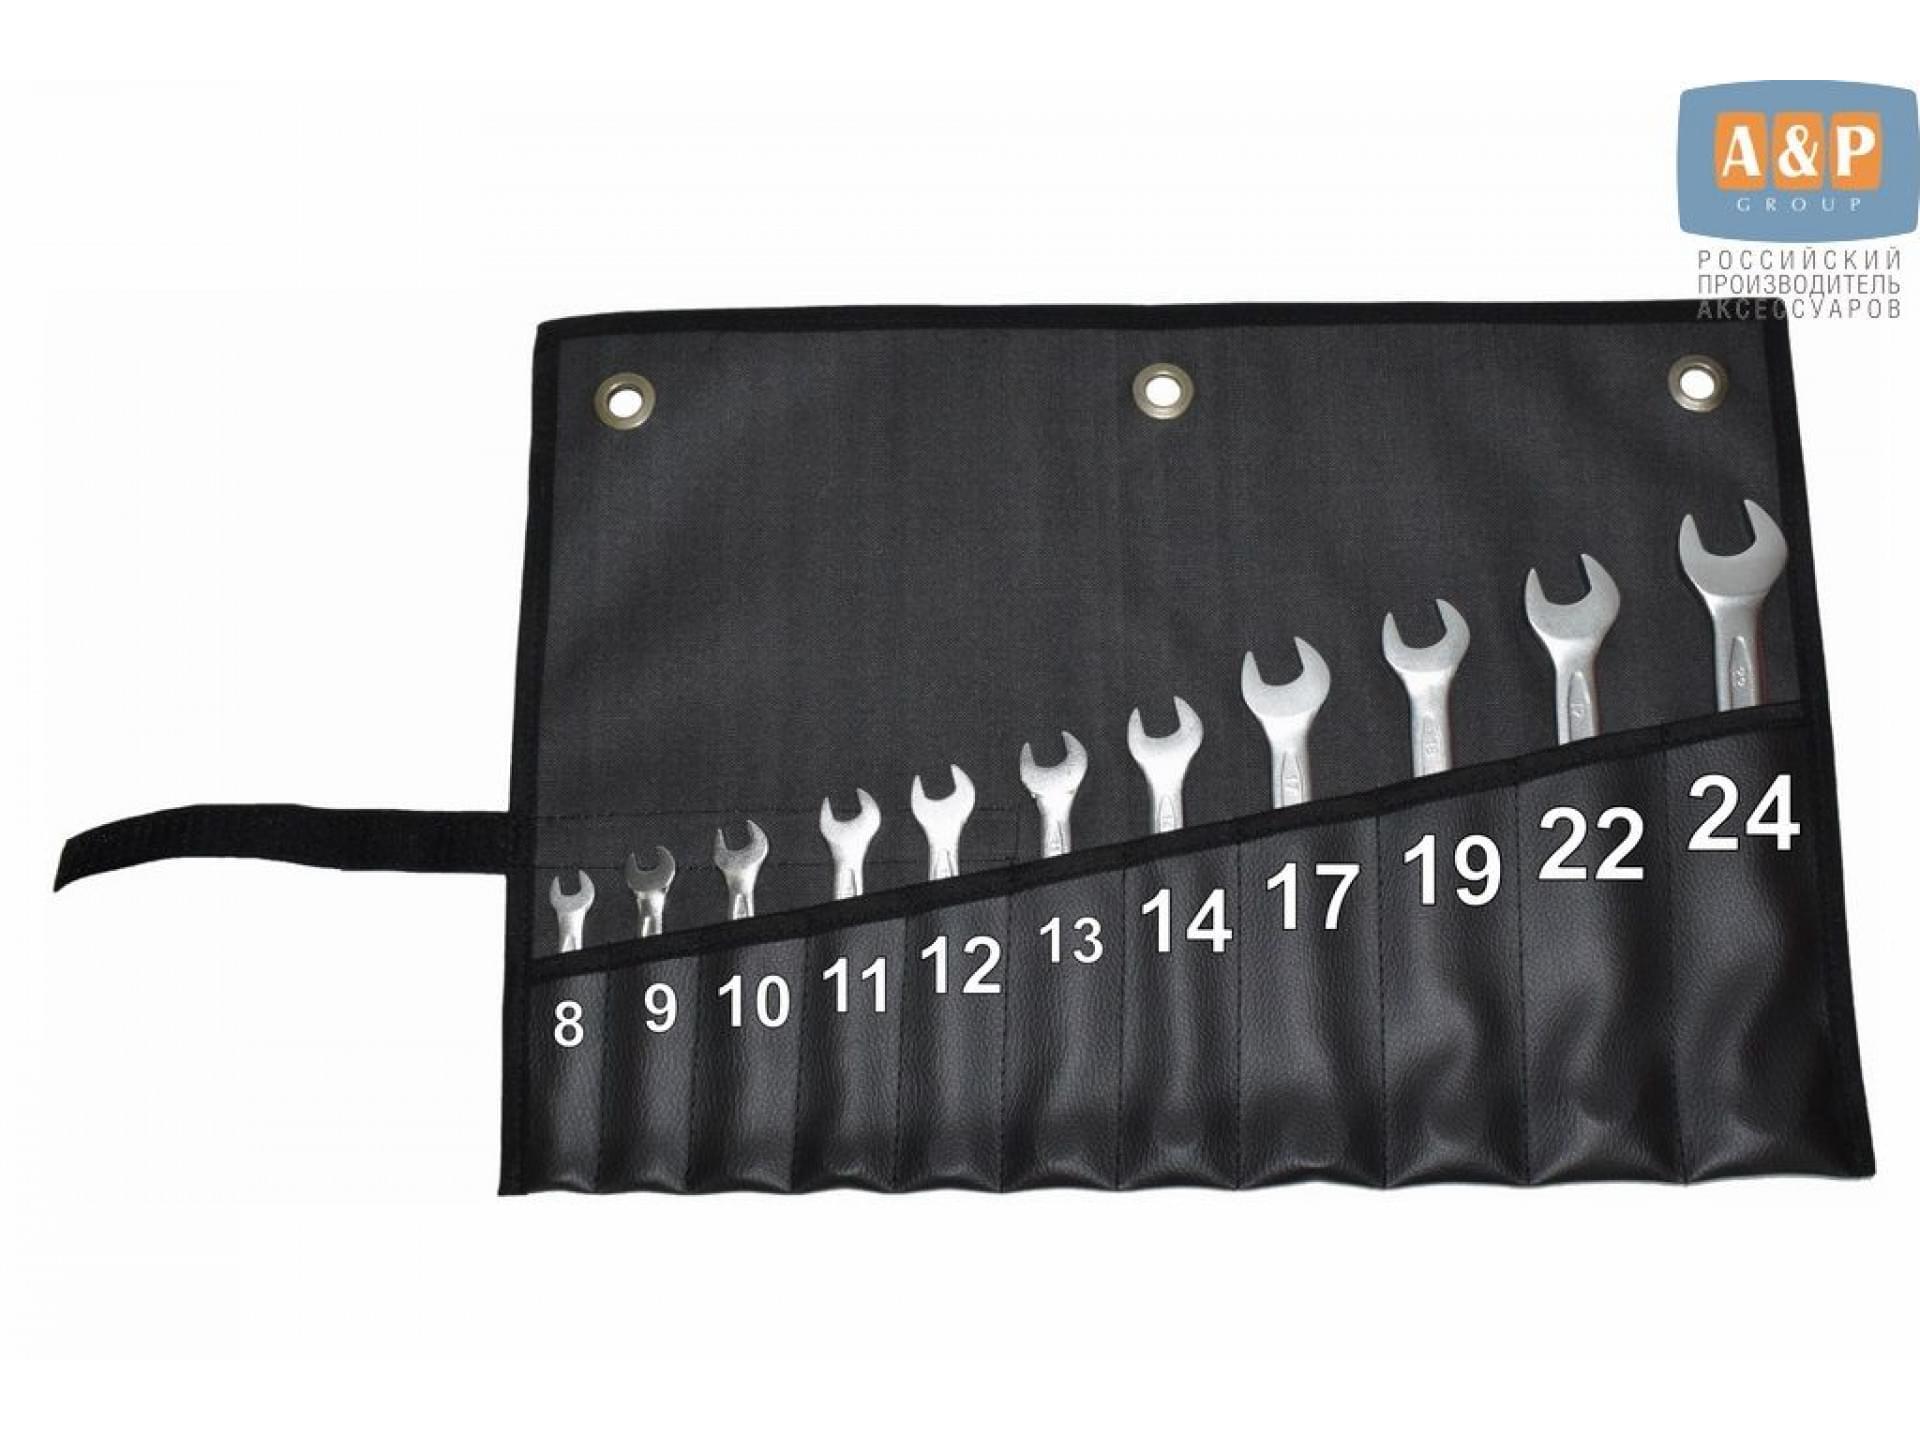 Сумка-скрутка для рожковых (накидных, гаечных, комбинированных) ключей 8-24 мм (11 предметов). Искусственная кожа.